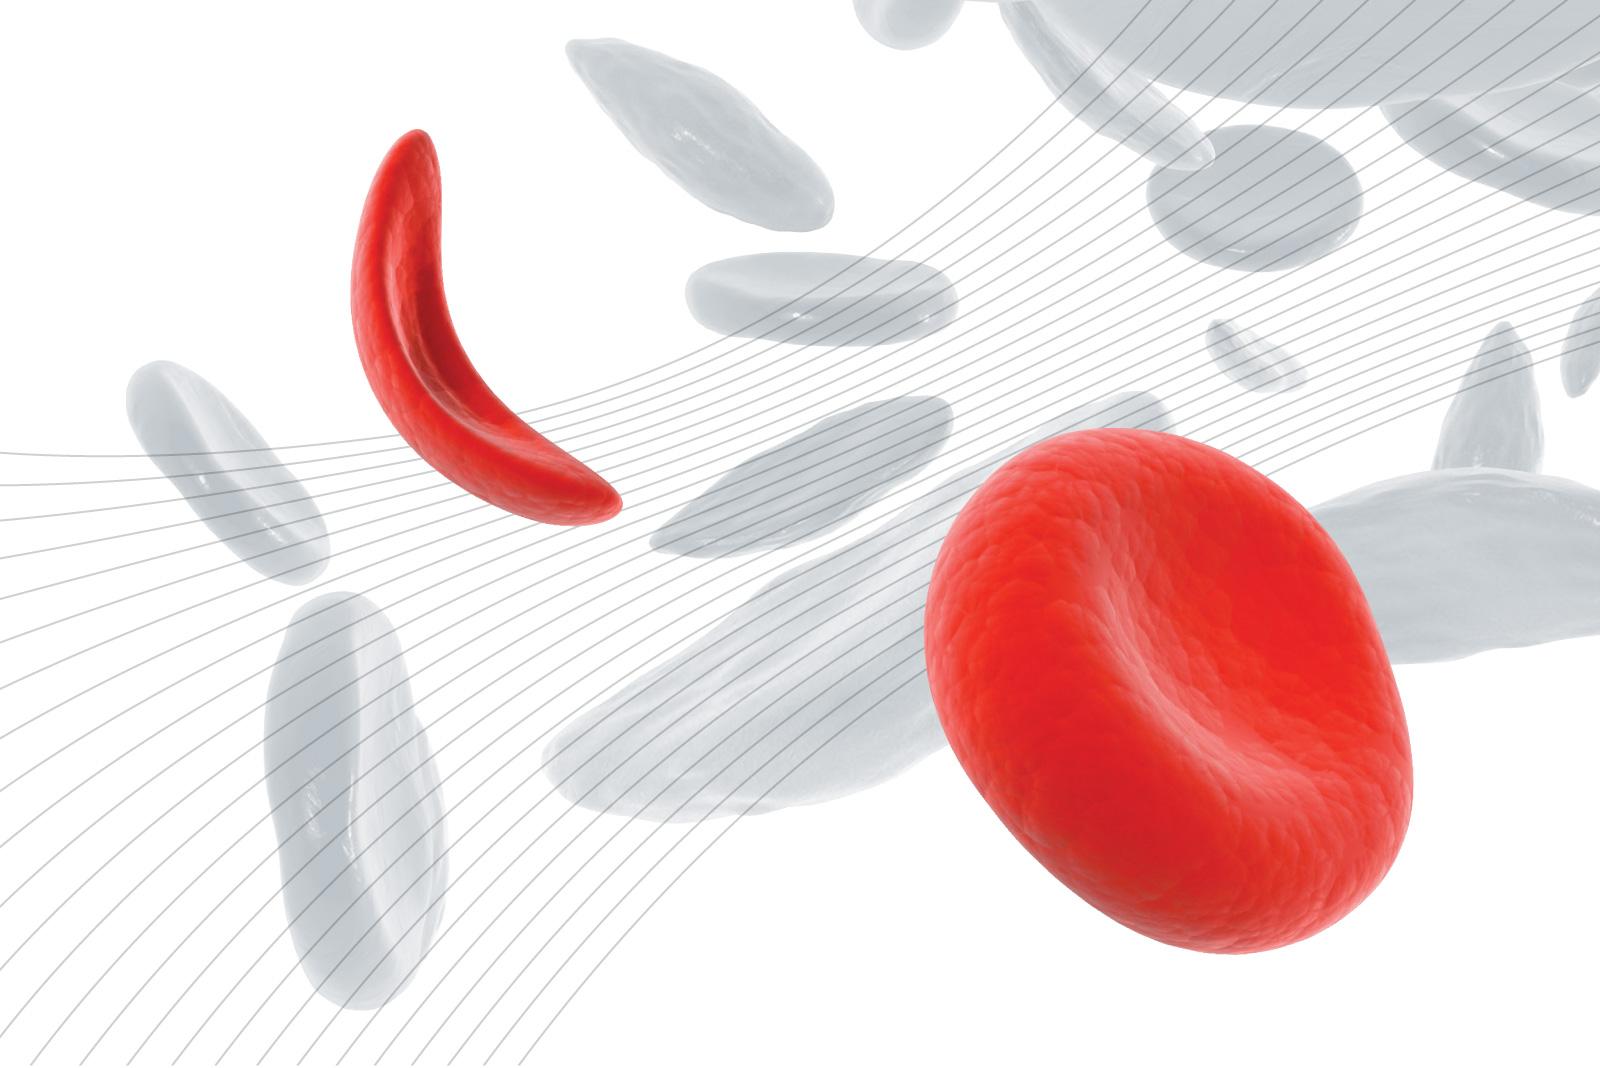 Le Emoglobinopatie congenite: aggiornamenti scientifici e organizzazione dei servizi per la sickle cell disease